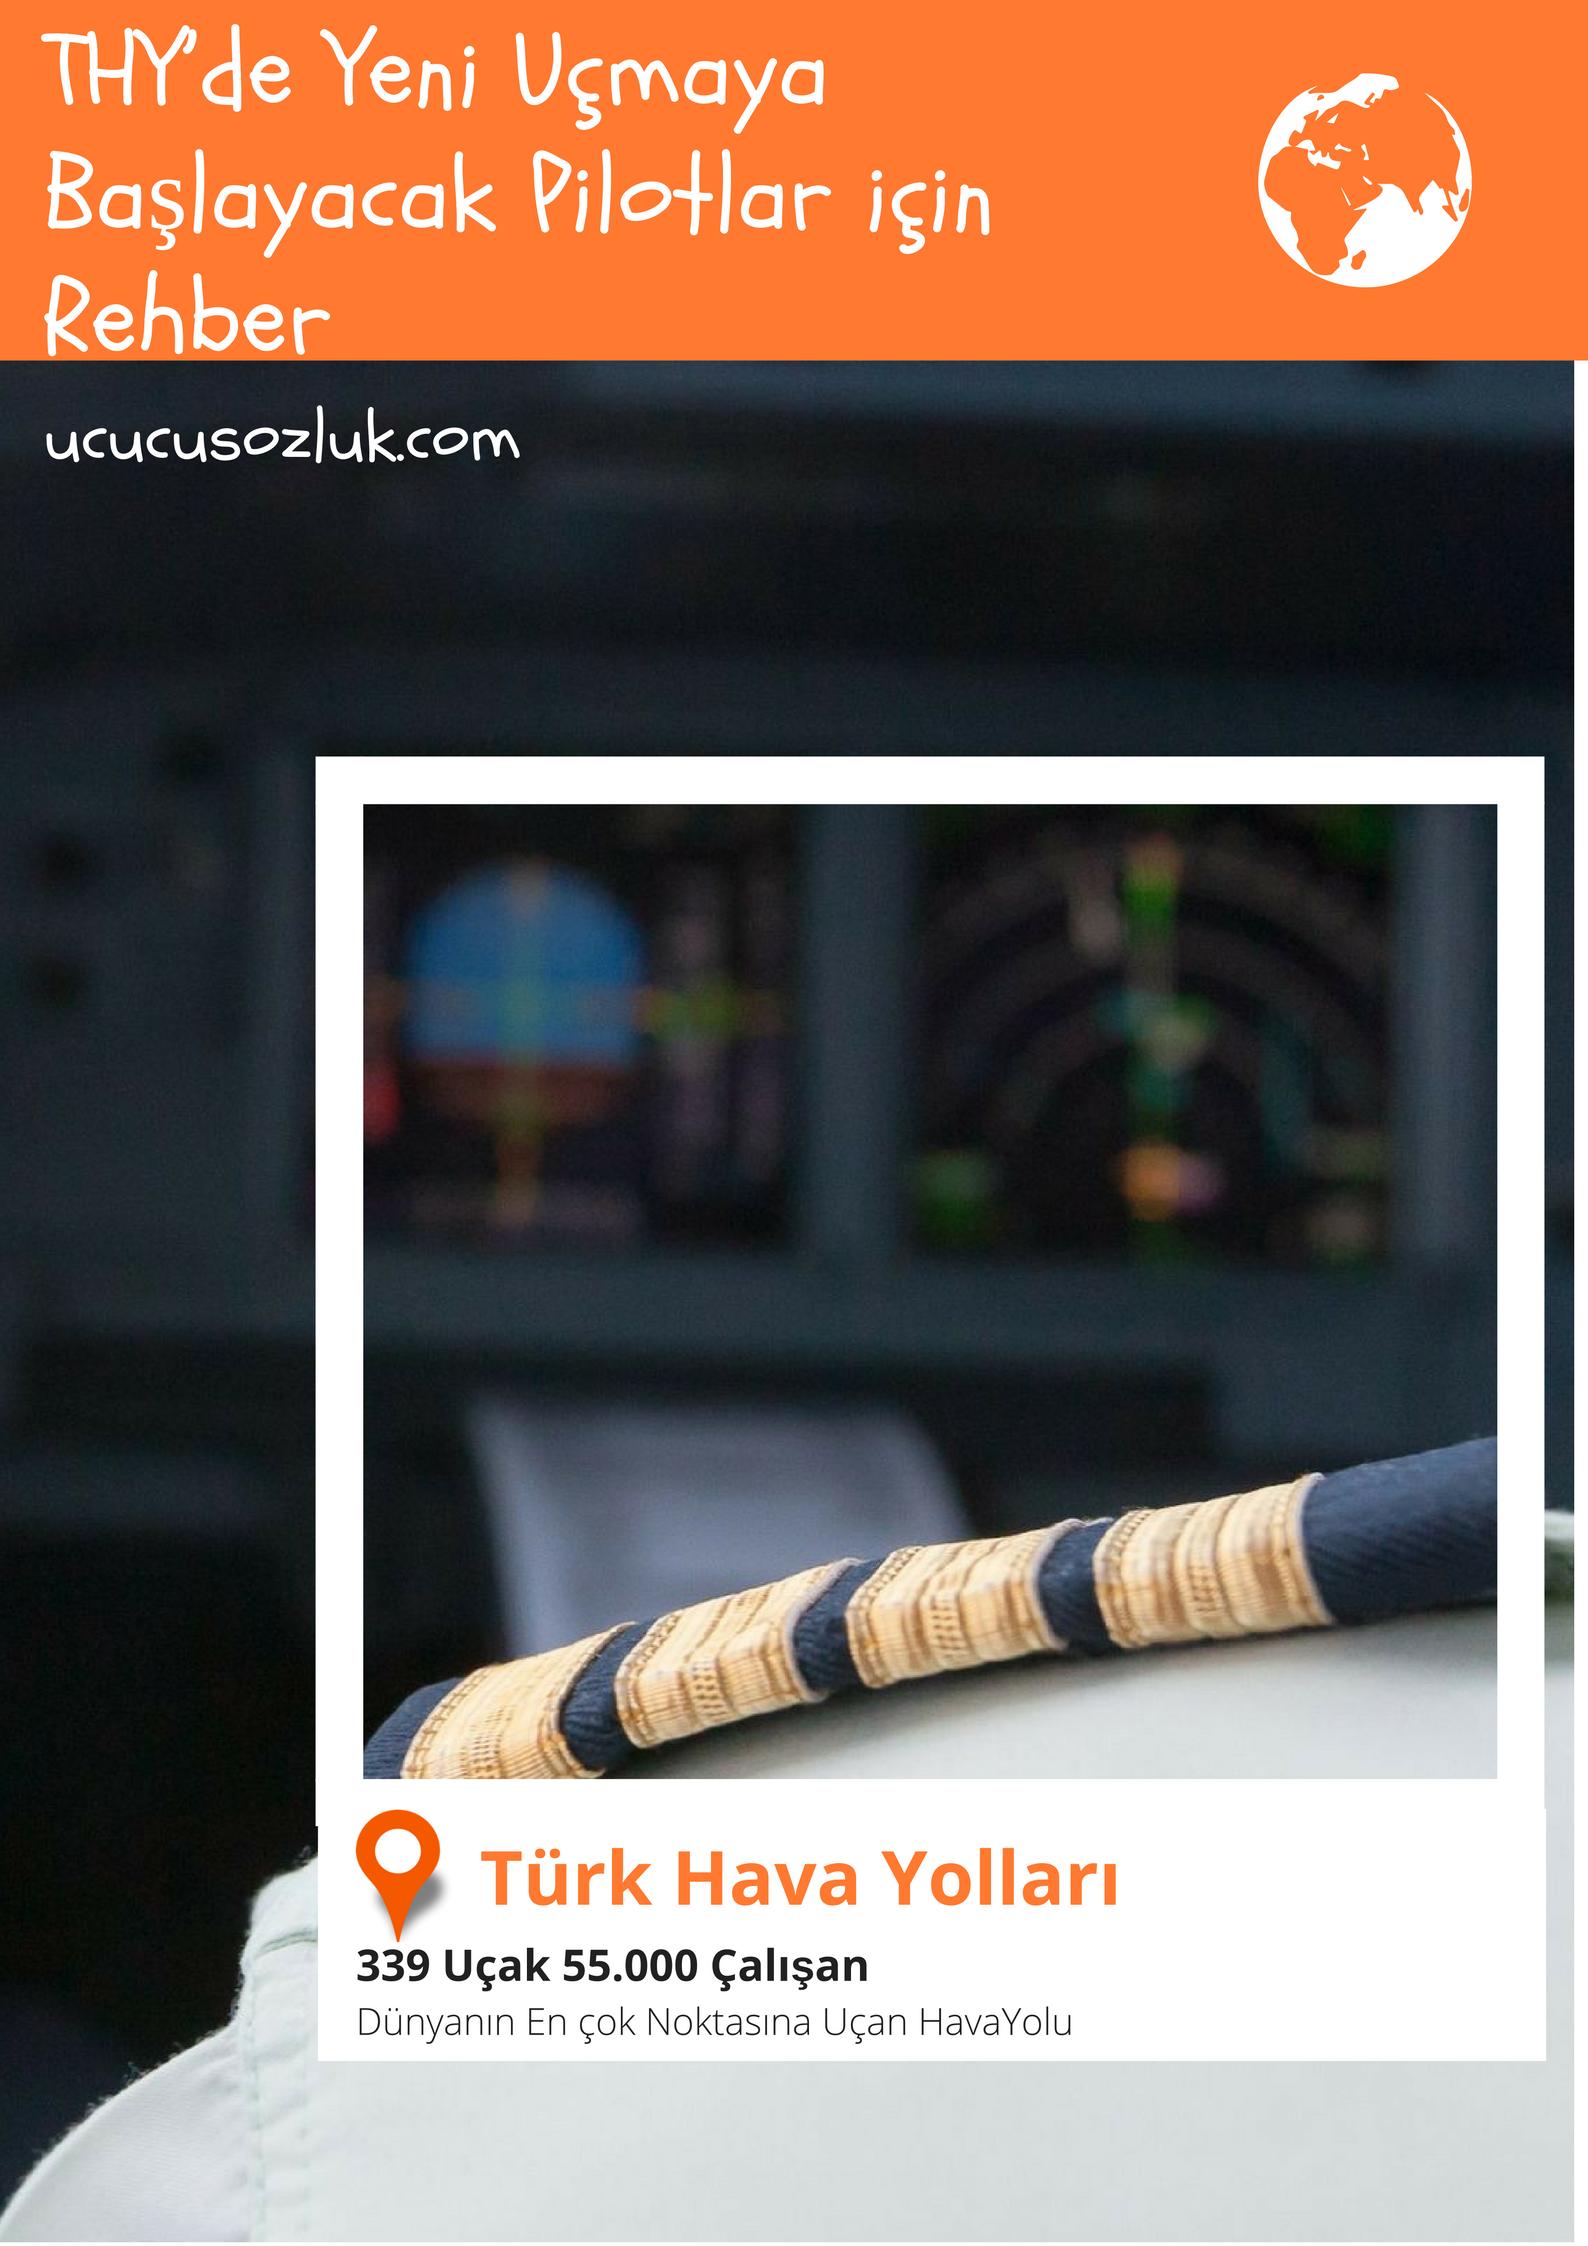 THY'de Yeni Uçmaya Başlayacak Pilotlar için Rehber